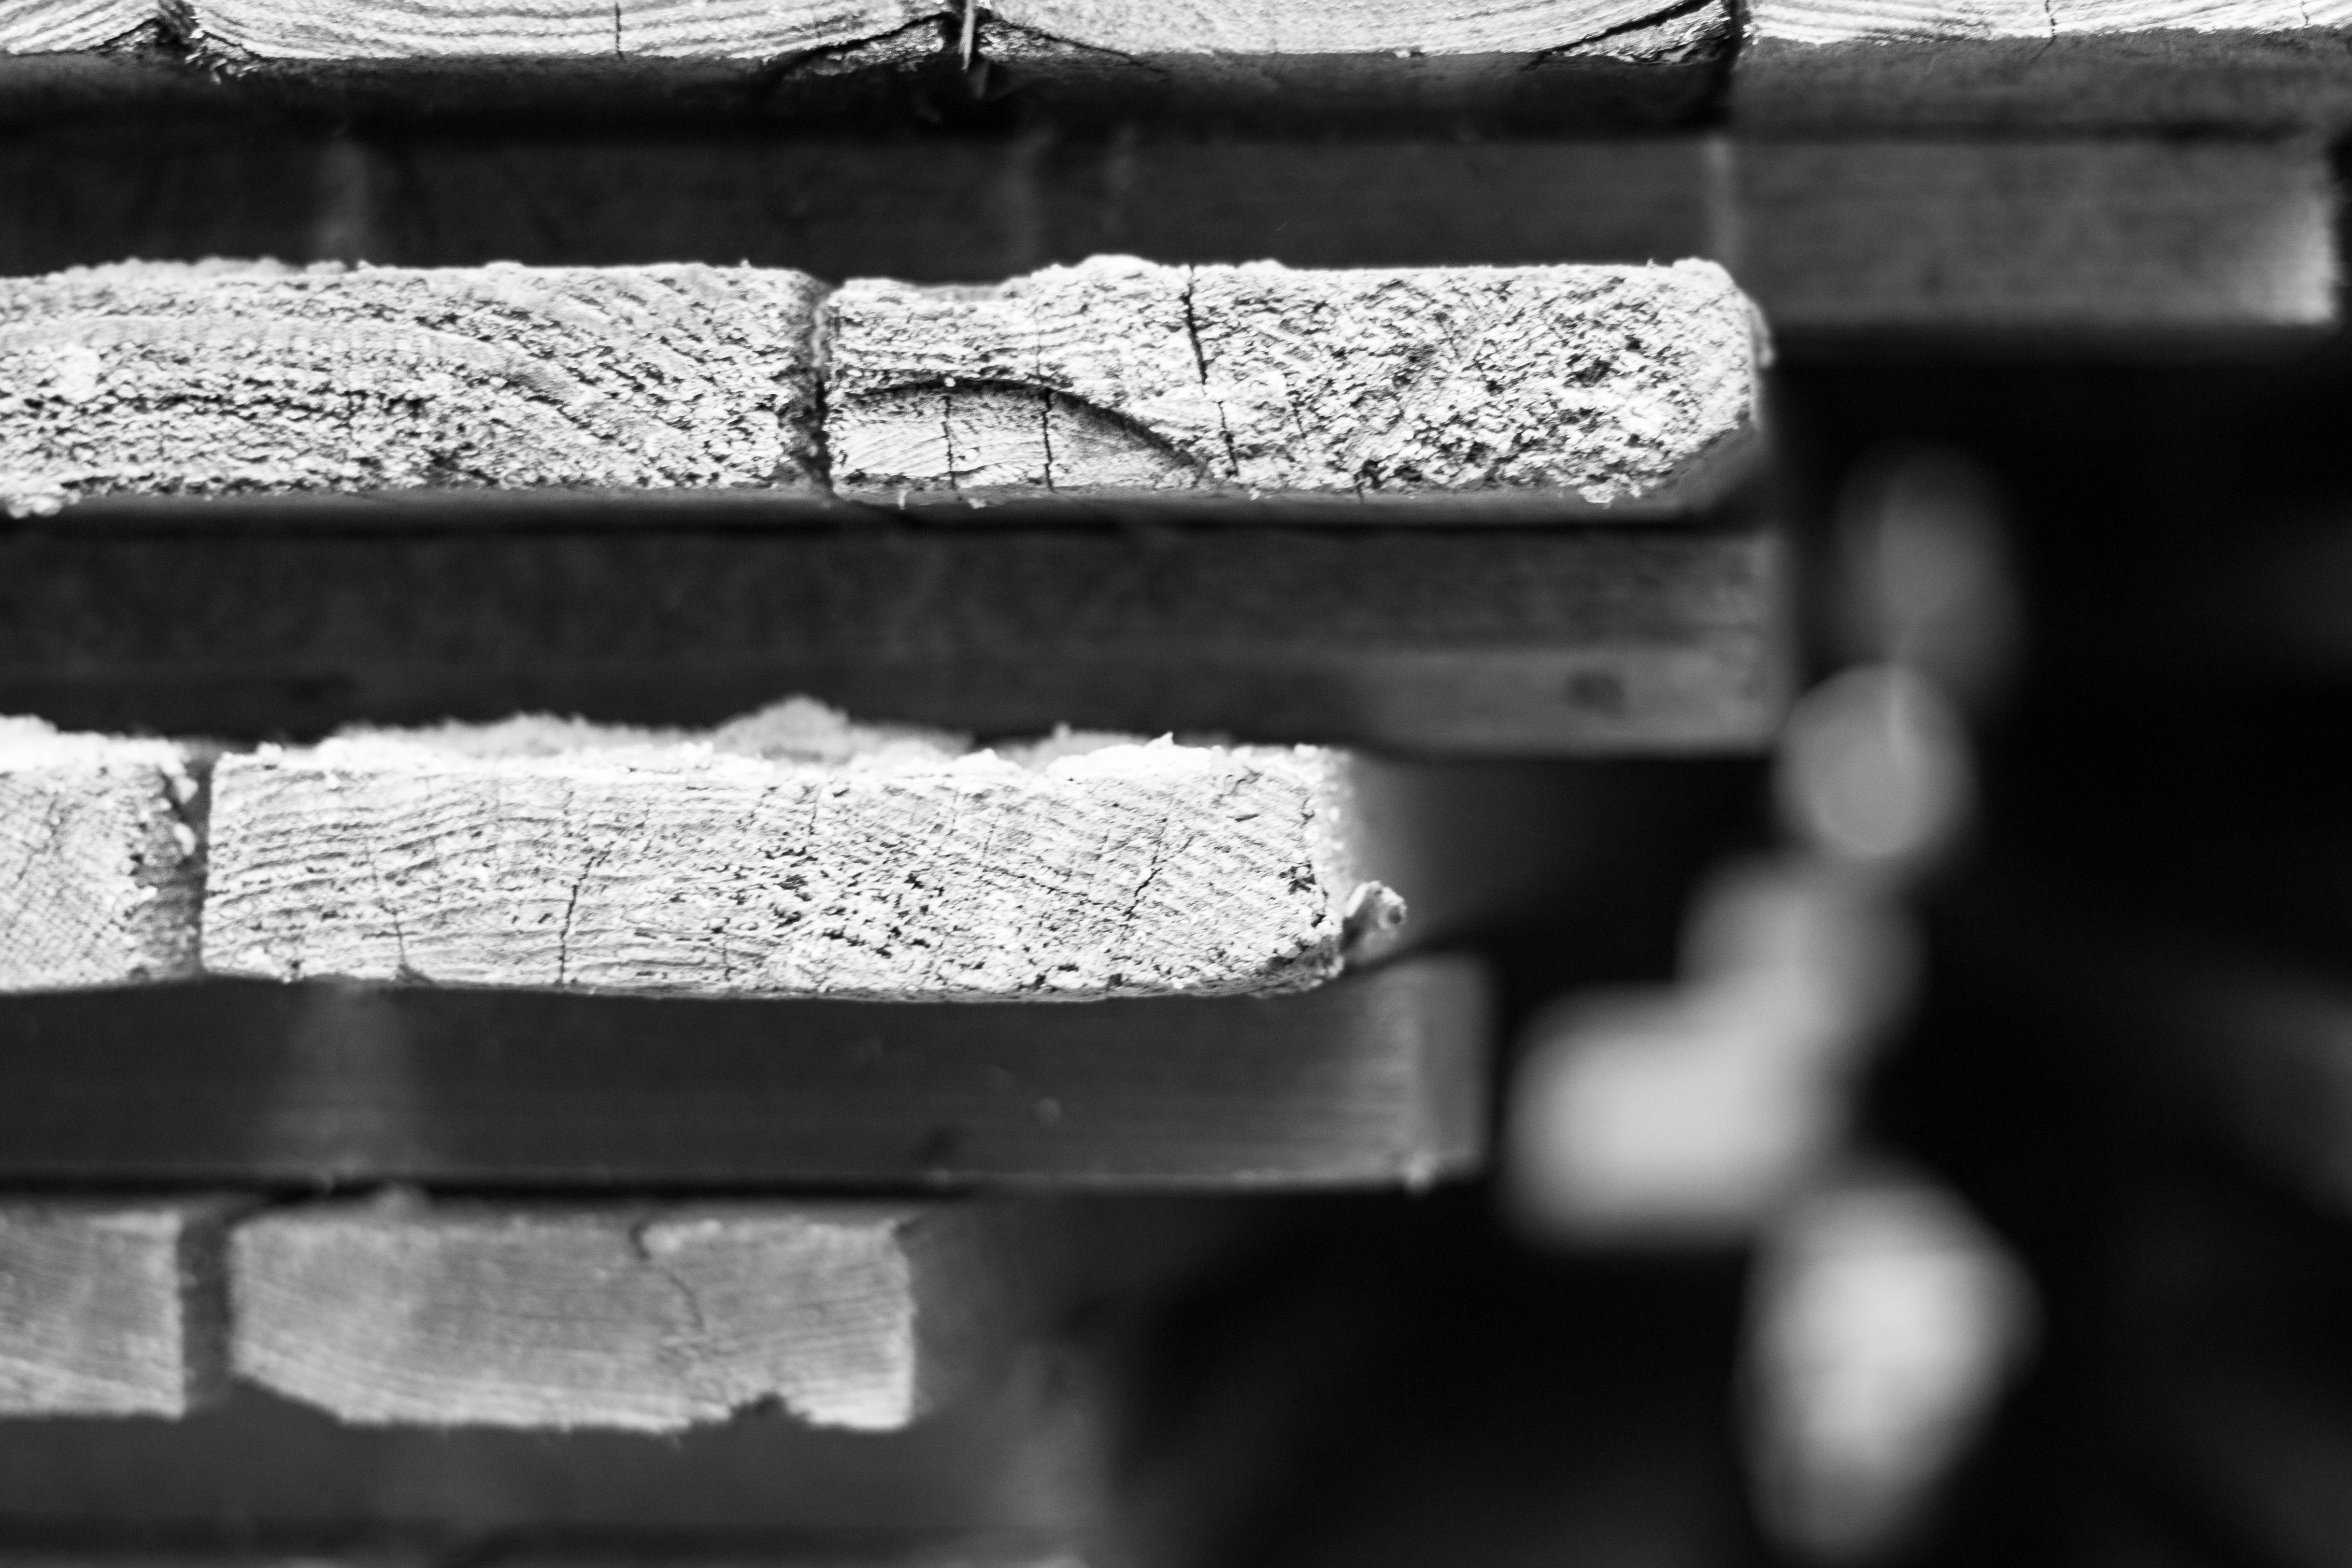 Fotos gratis : en blanco y negro, arquitectura, estructura, tablero ...